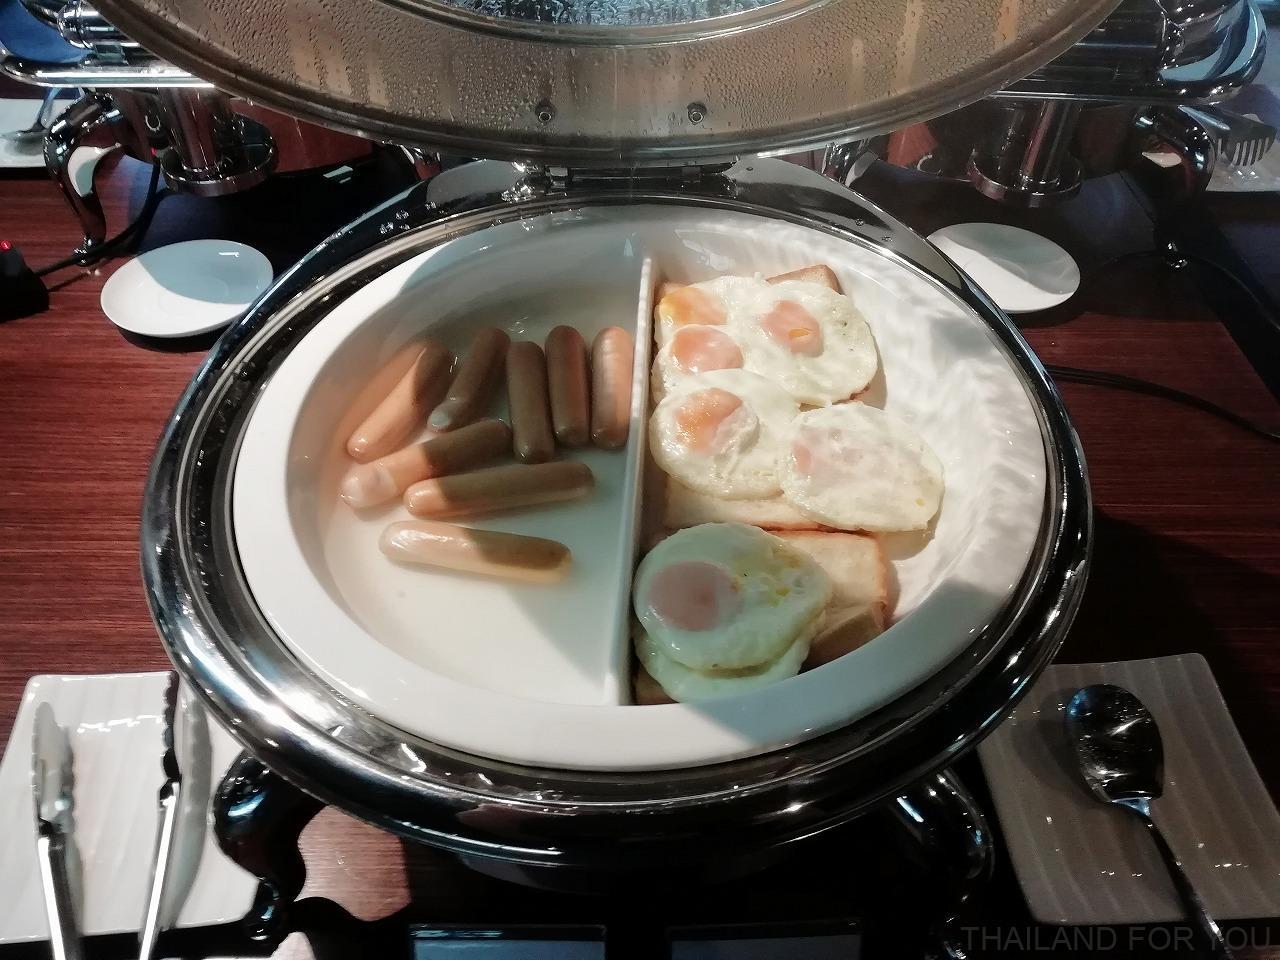 ドンムアン空港 ミラクルコワーキングスペース 食事